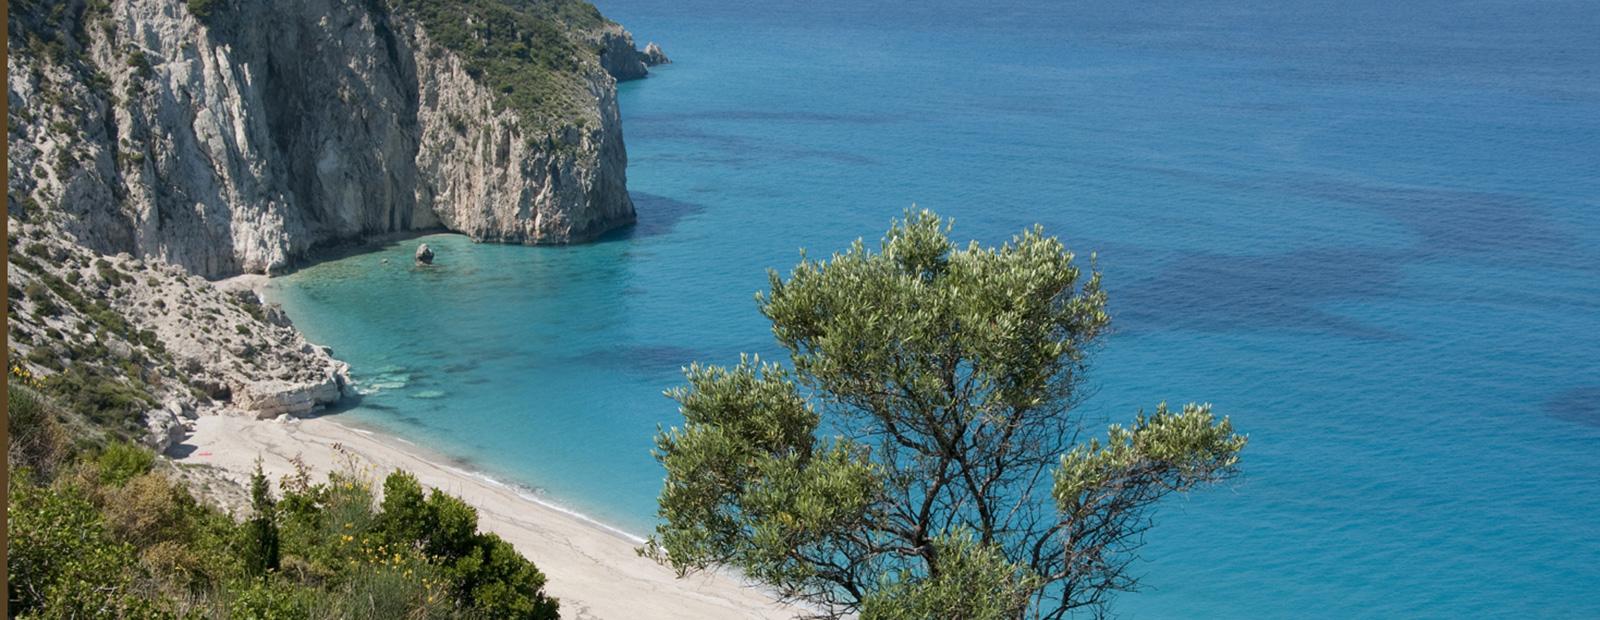 Exclusive holiday villas on Lefkada island